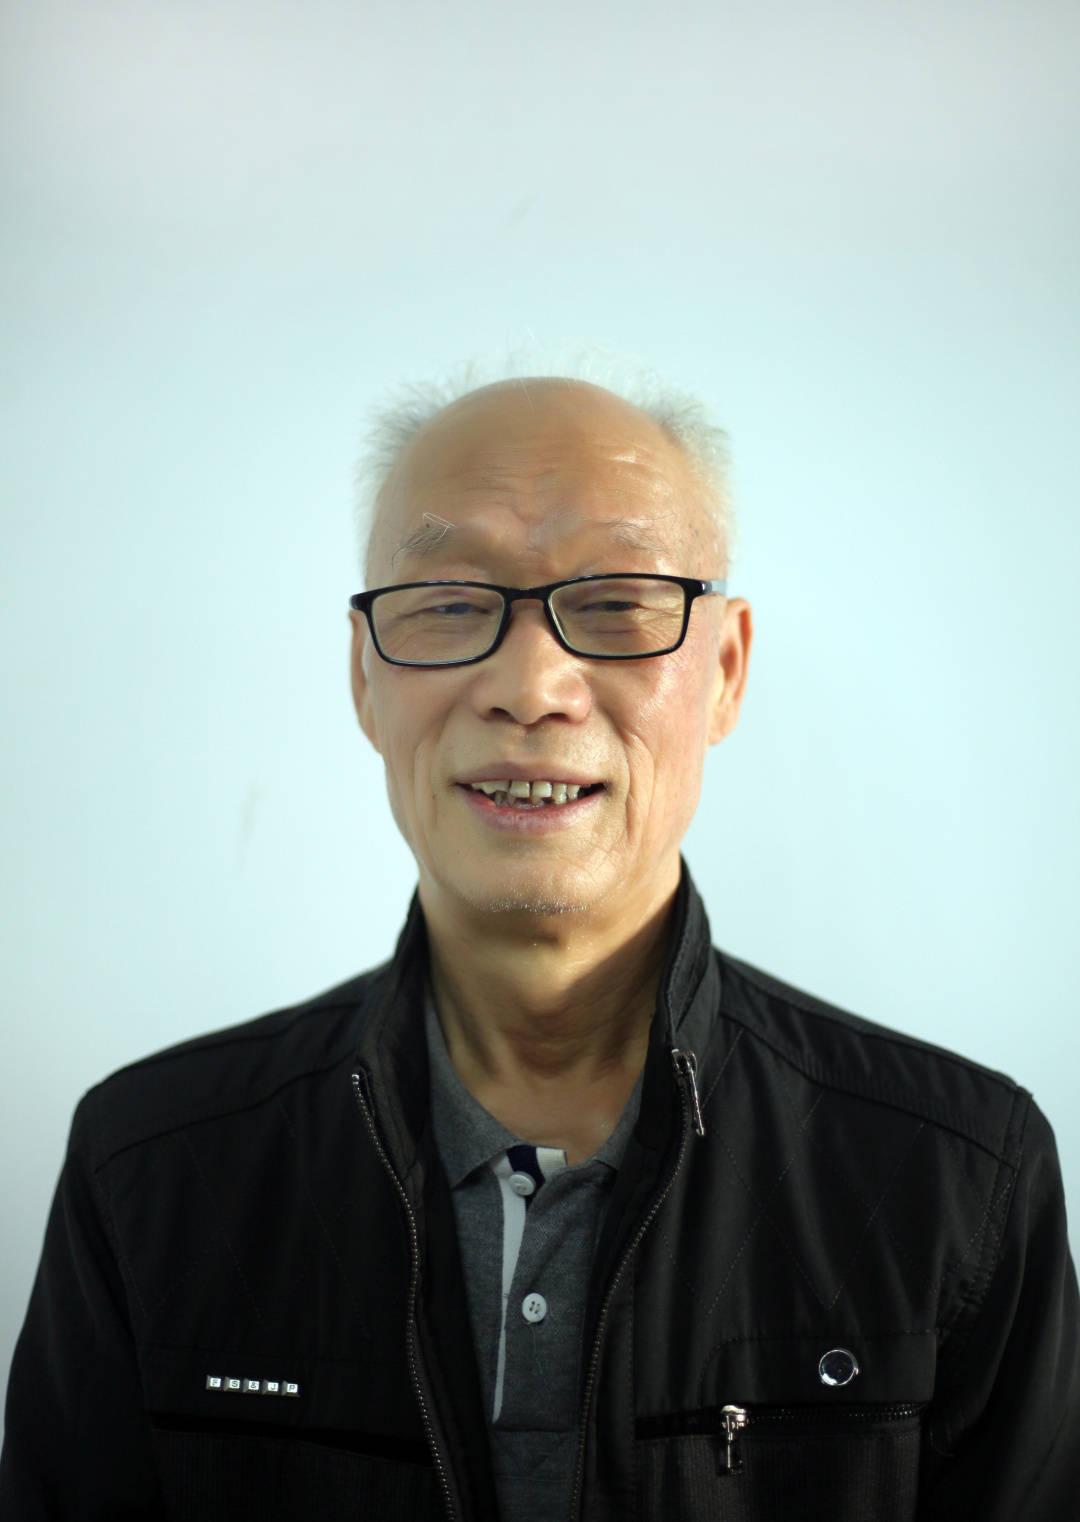 那一代人的清风明月 ——李辉先生人物画杂谈